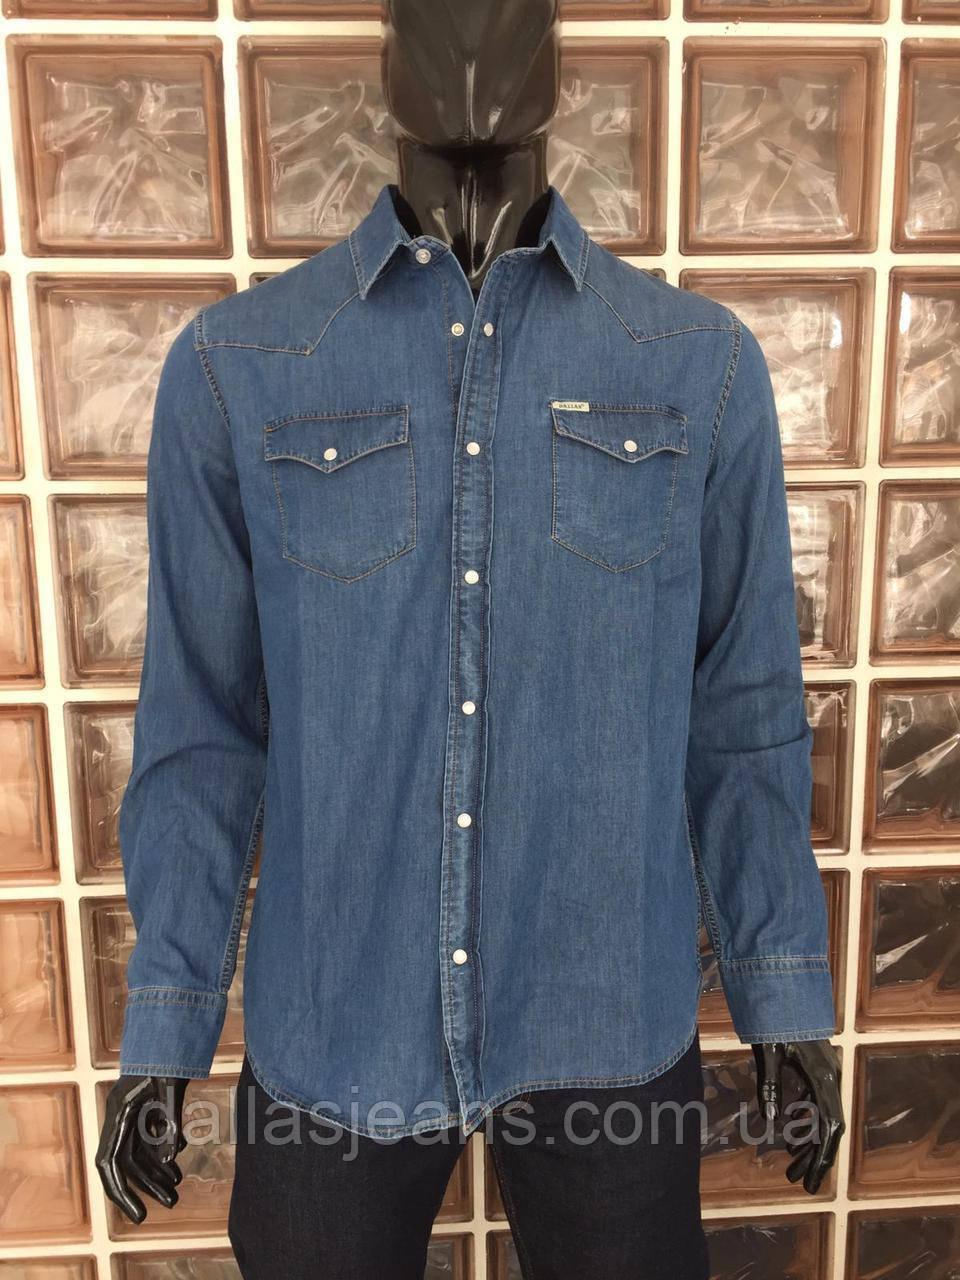 2ee7c342414 Рубашка мужская джинсовая DALLAS JEANS Размеры M - DALLAS JEANS в Одессе